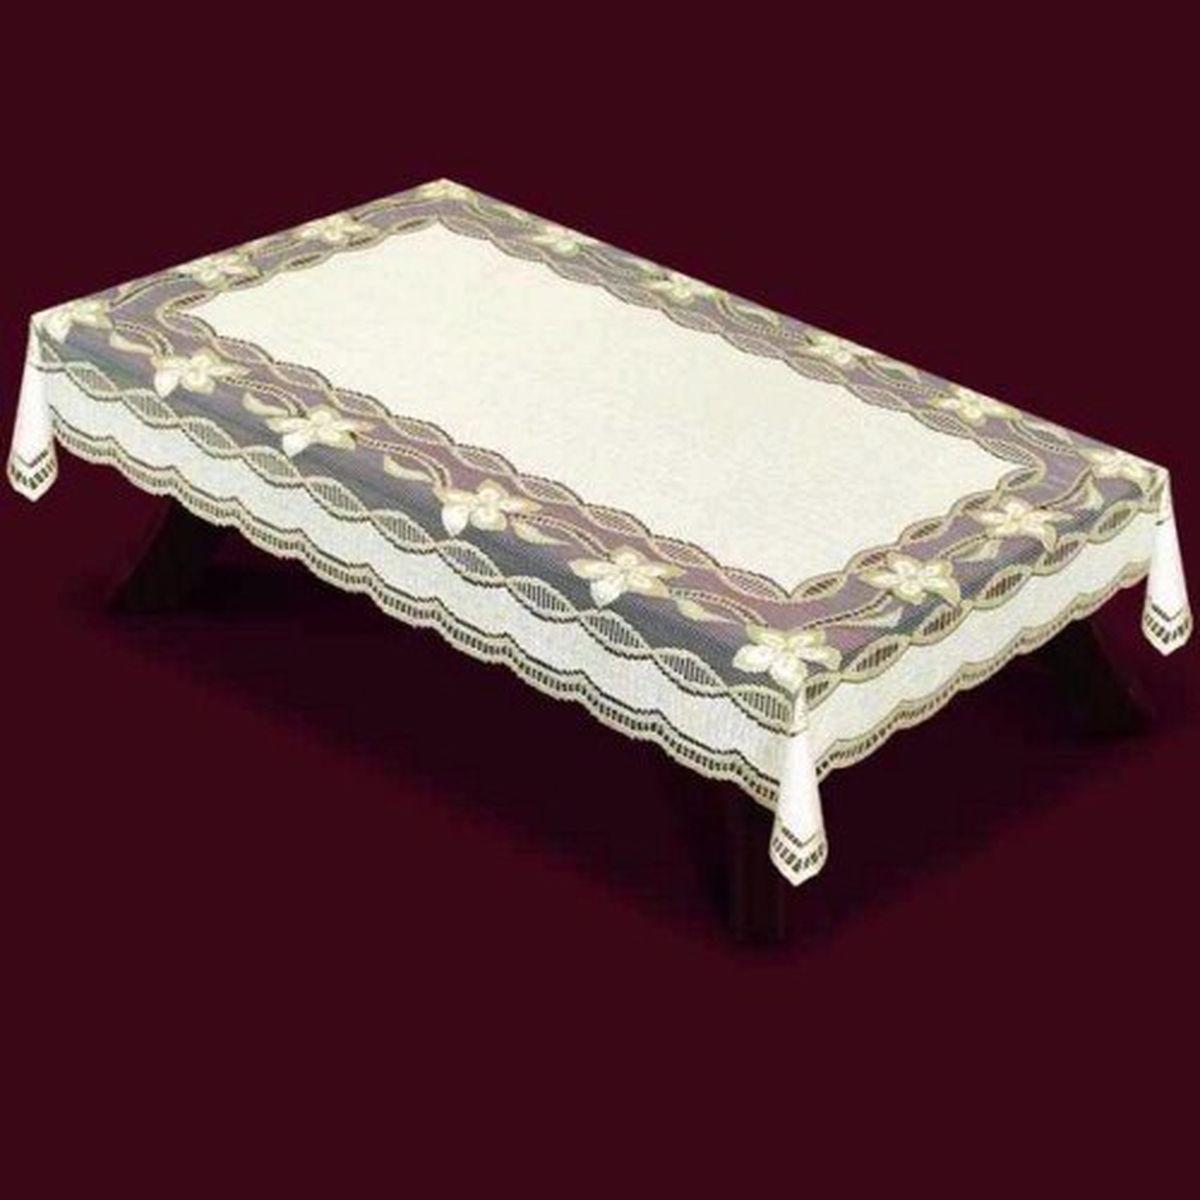 Скатерть Haft, прямоугольная, цвет: кремовый, золотистый, 150 x 300 см. 42950-15042950-150Великолепная прямоугольная скатерть Haft, выполненная из полиэстера, органично впишется в интерьер любого помещения, а оригинальный дизайн удовлетворит даже самый изысканный вкус. Скатерть изготовлена из сетчатого материала с ажурным цветочным рисунком. Края скатерти ажурные. Скатерть Haft создаст праздничное настроение и станет прекрасным дополнением интерьера гостиной, кухни или столовой.